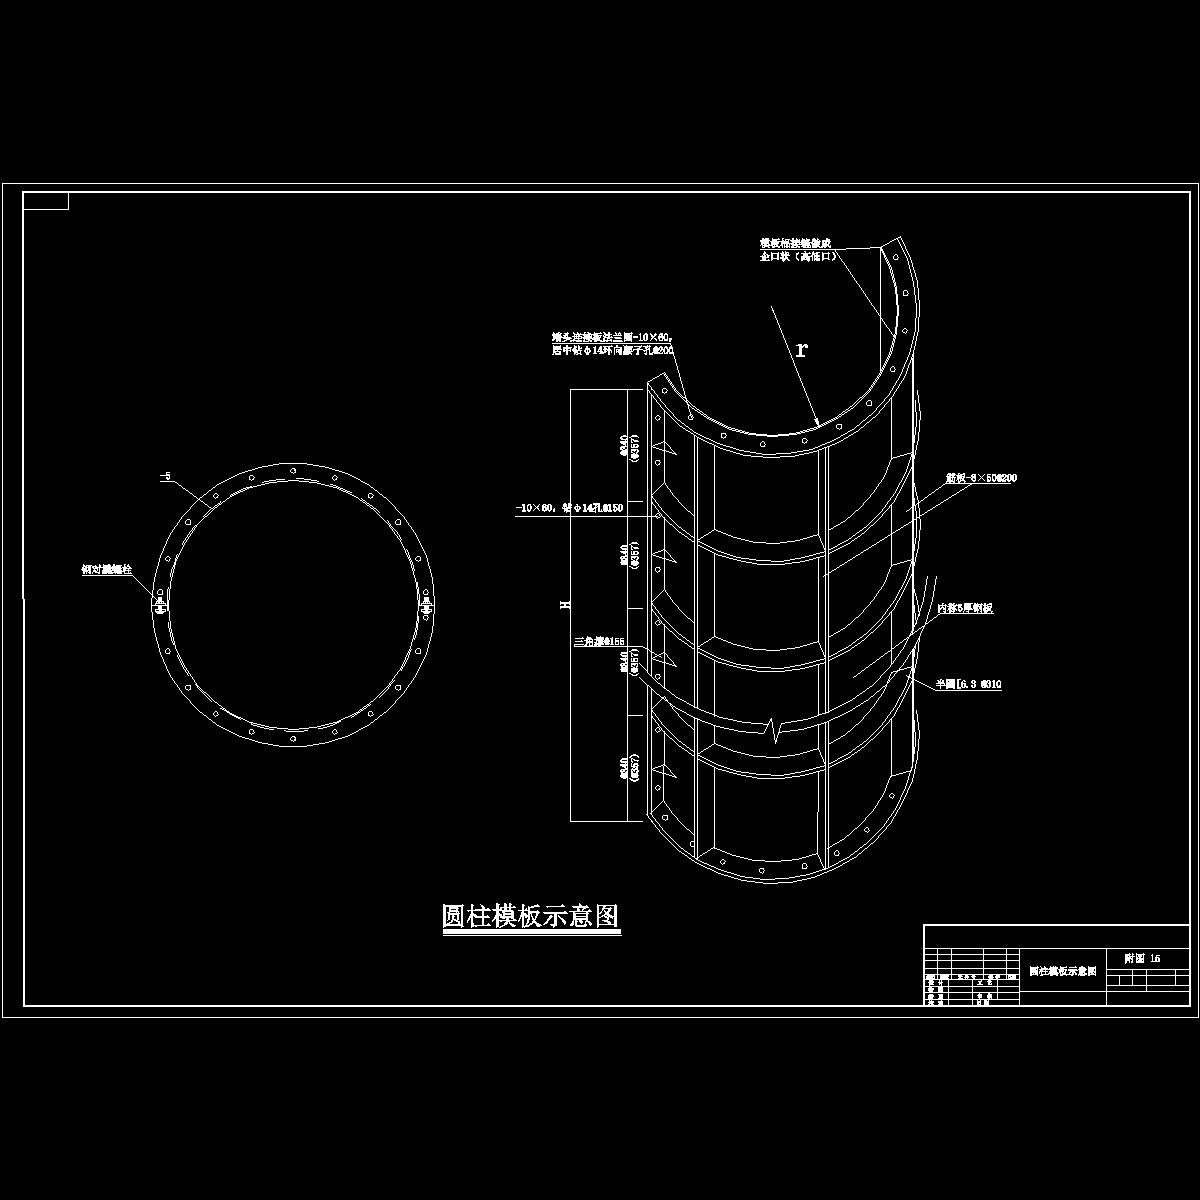 附图 15圆柱模板.dwg